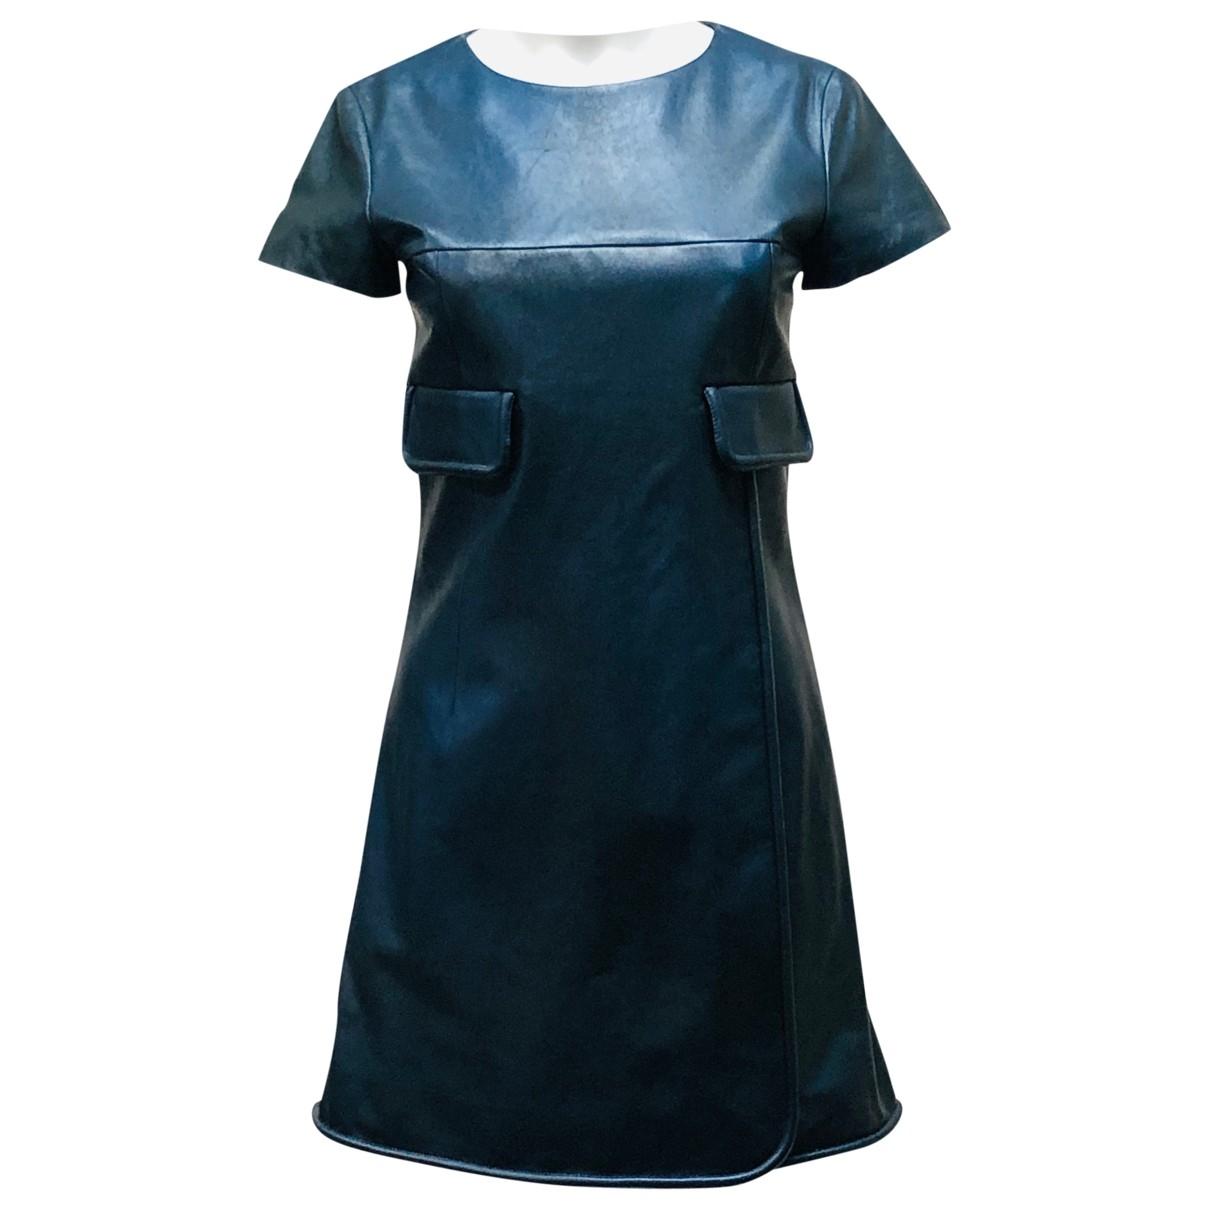 Chanel \N Kleid in  Blau Leder